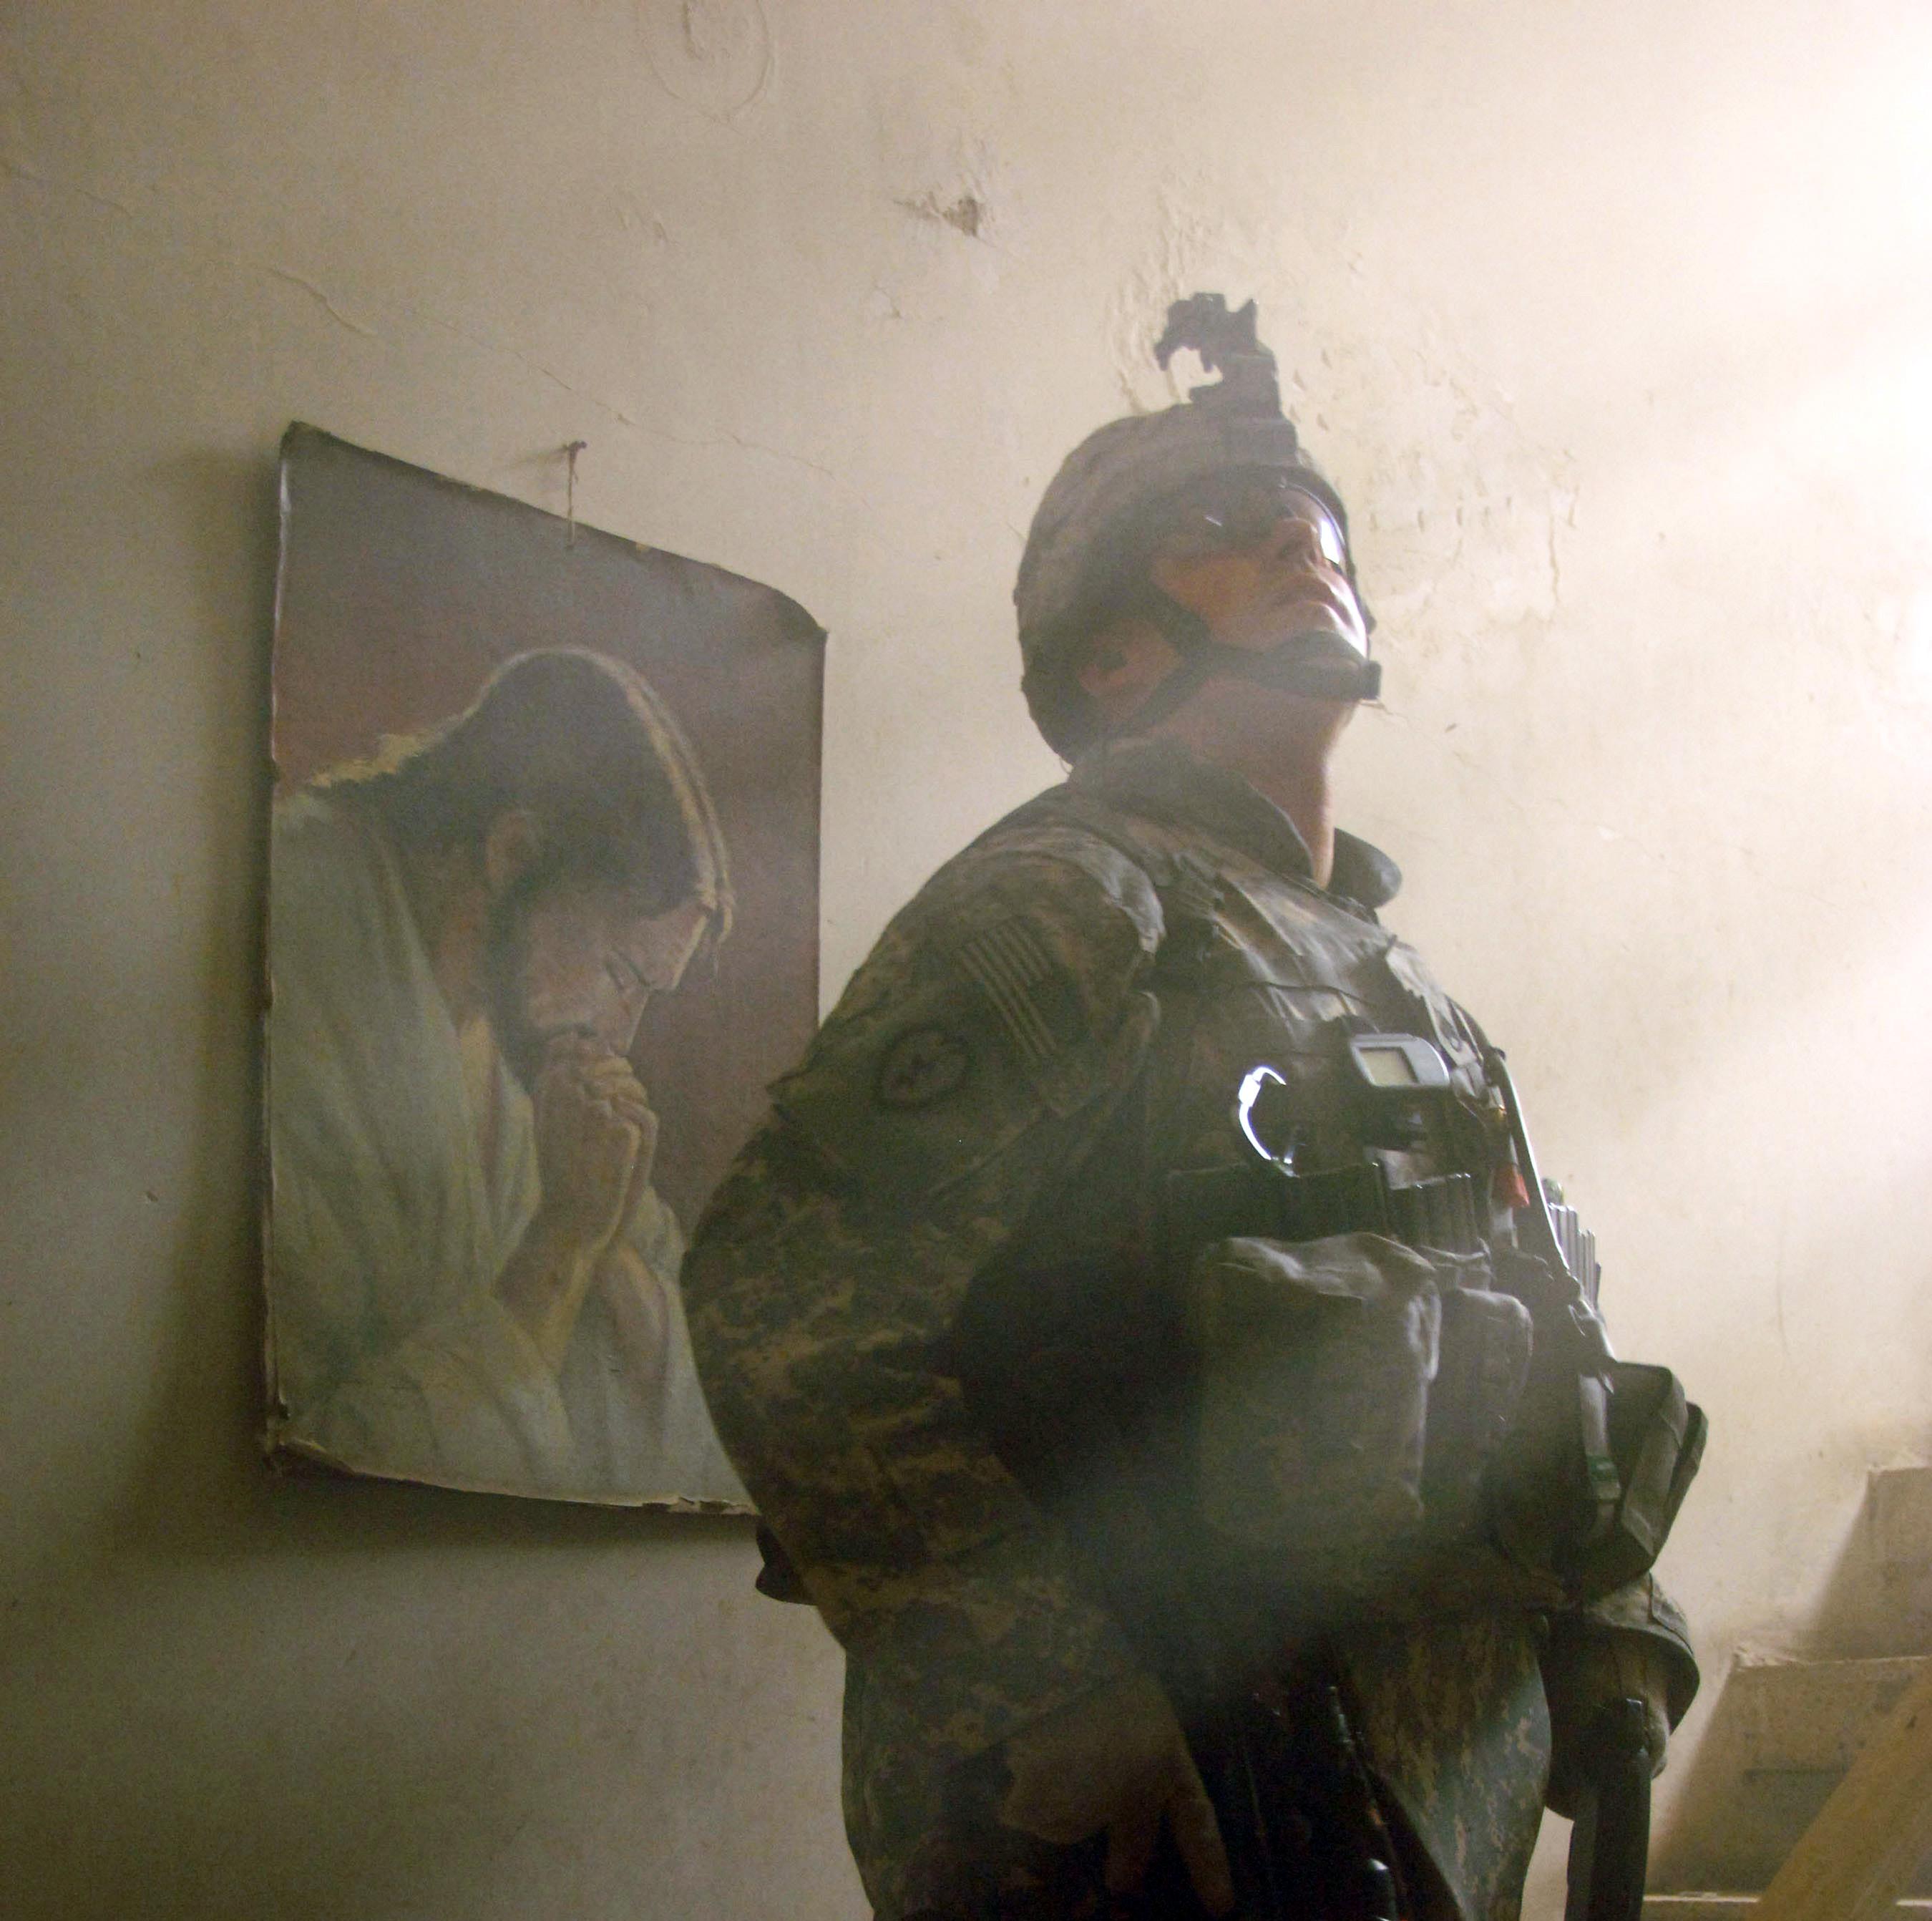 Jesus behind soldier in Iraq